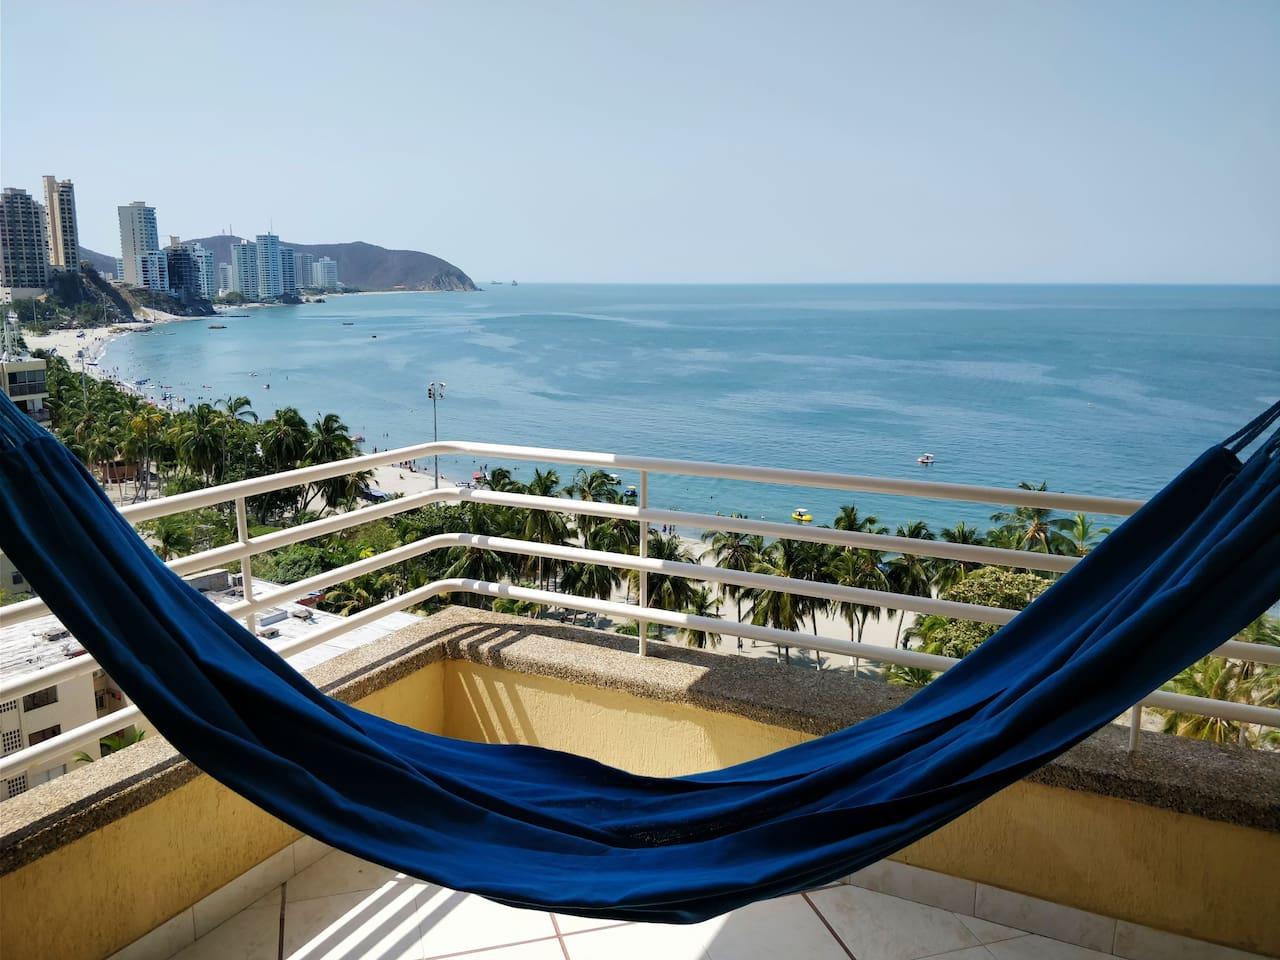 Vista desde el balcón del apartamento.